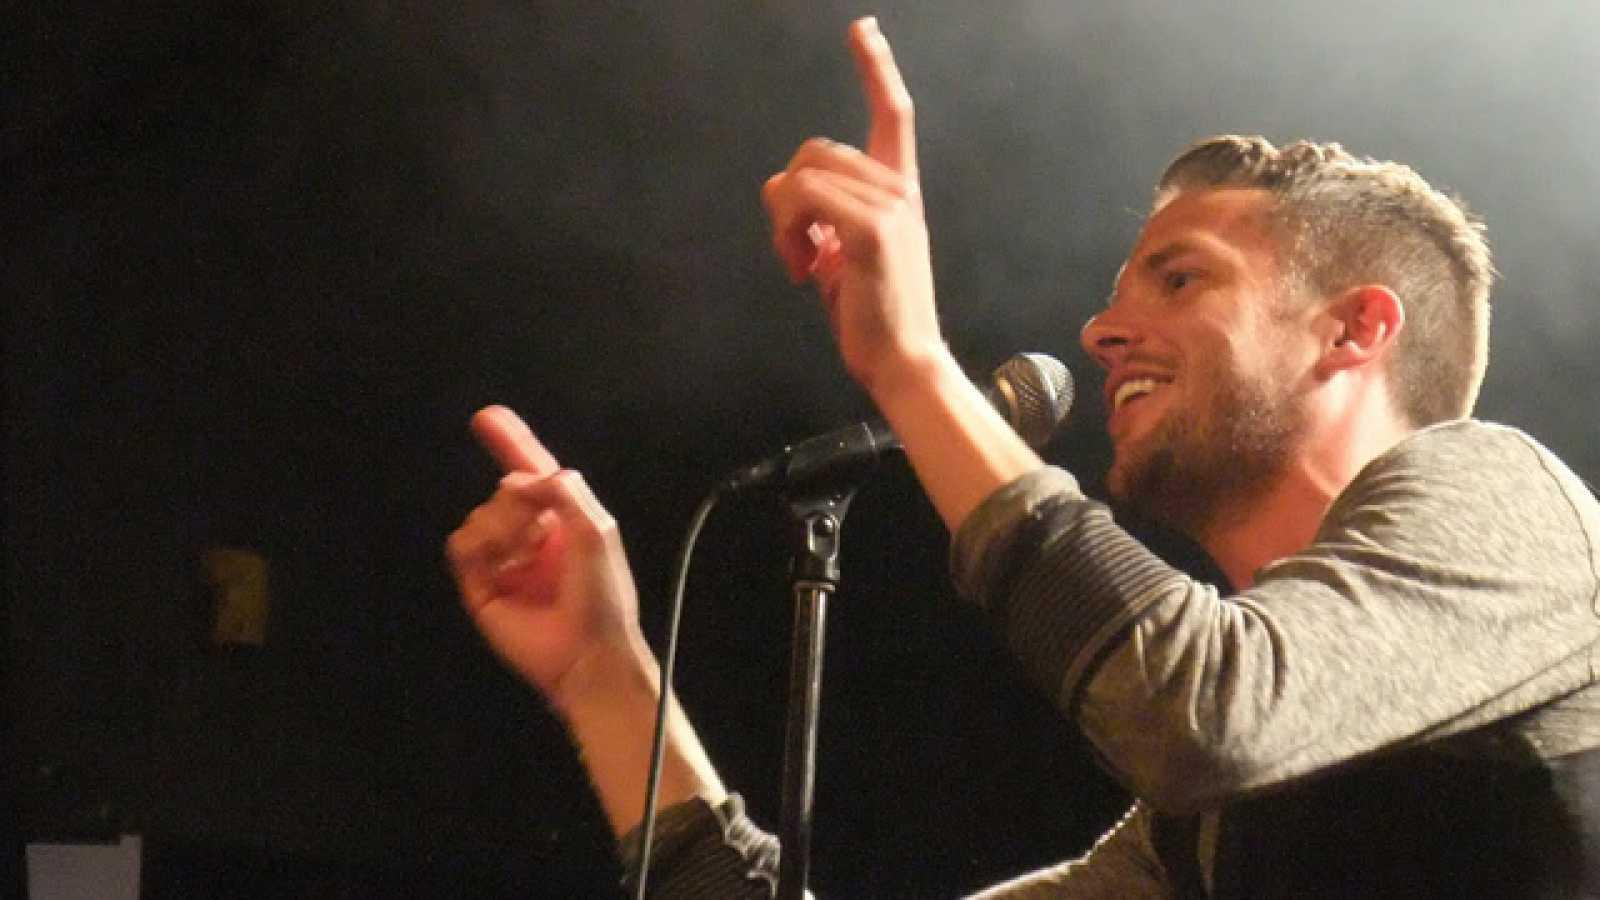 El vocalista de The Killers ofreció una gran actuación en Benicàssim para presentar su material en solitario, acompañado de una impresionante banda (15/07/11).